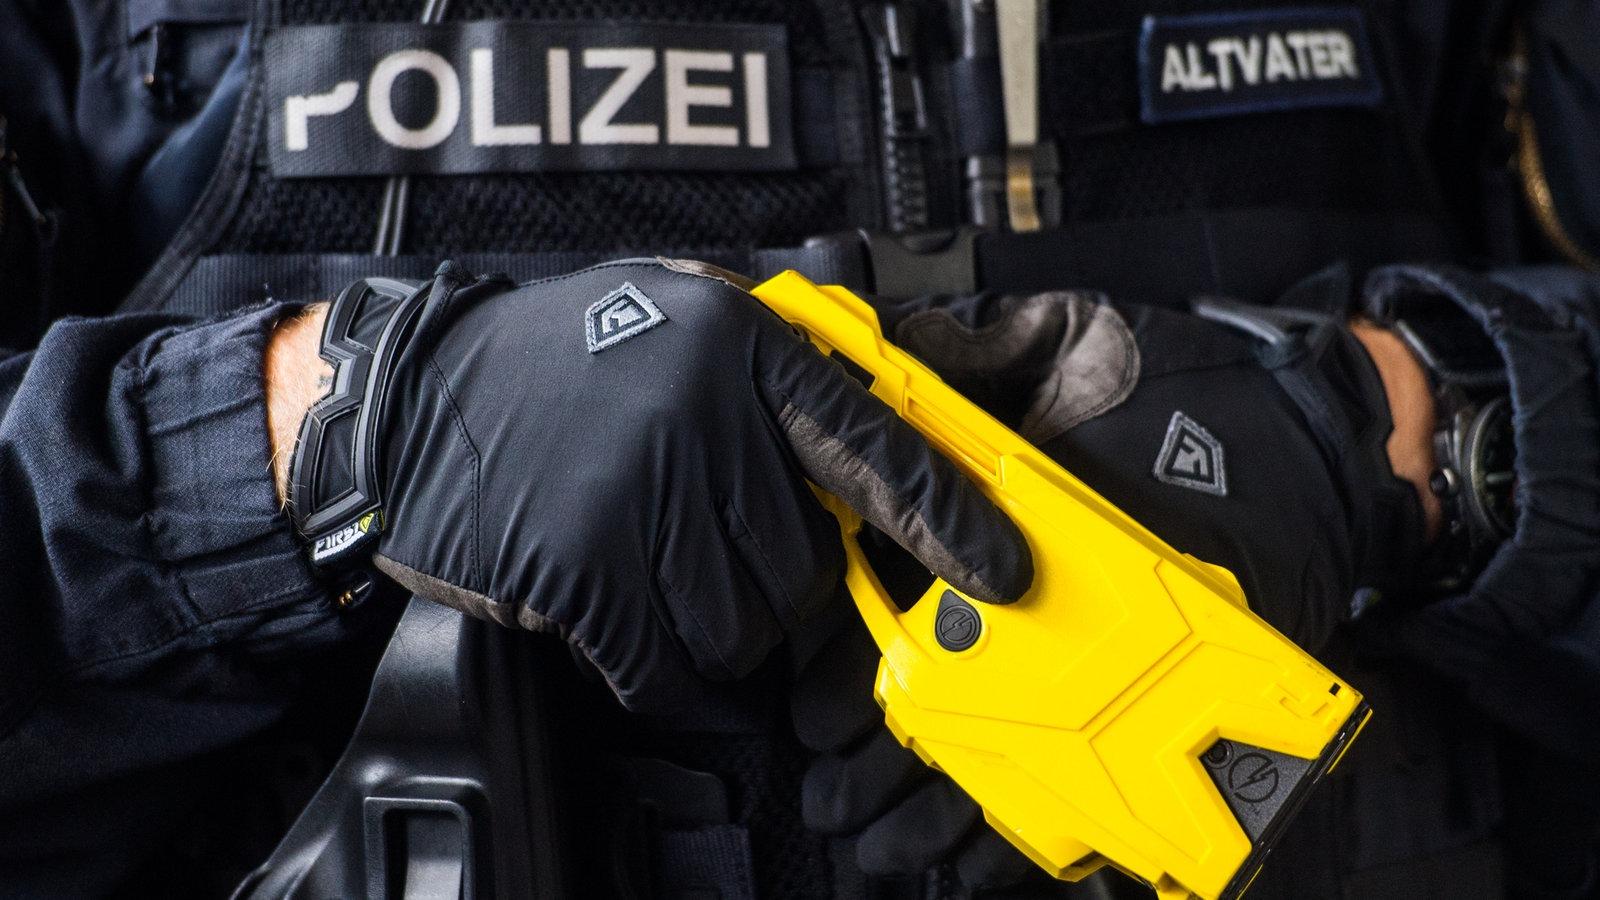 Polizei Taser